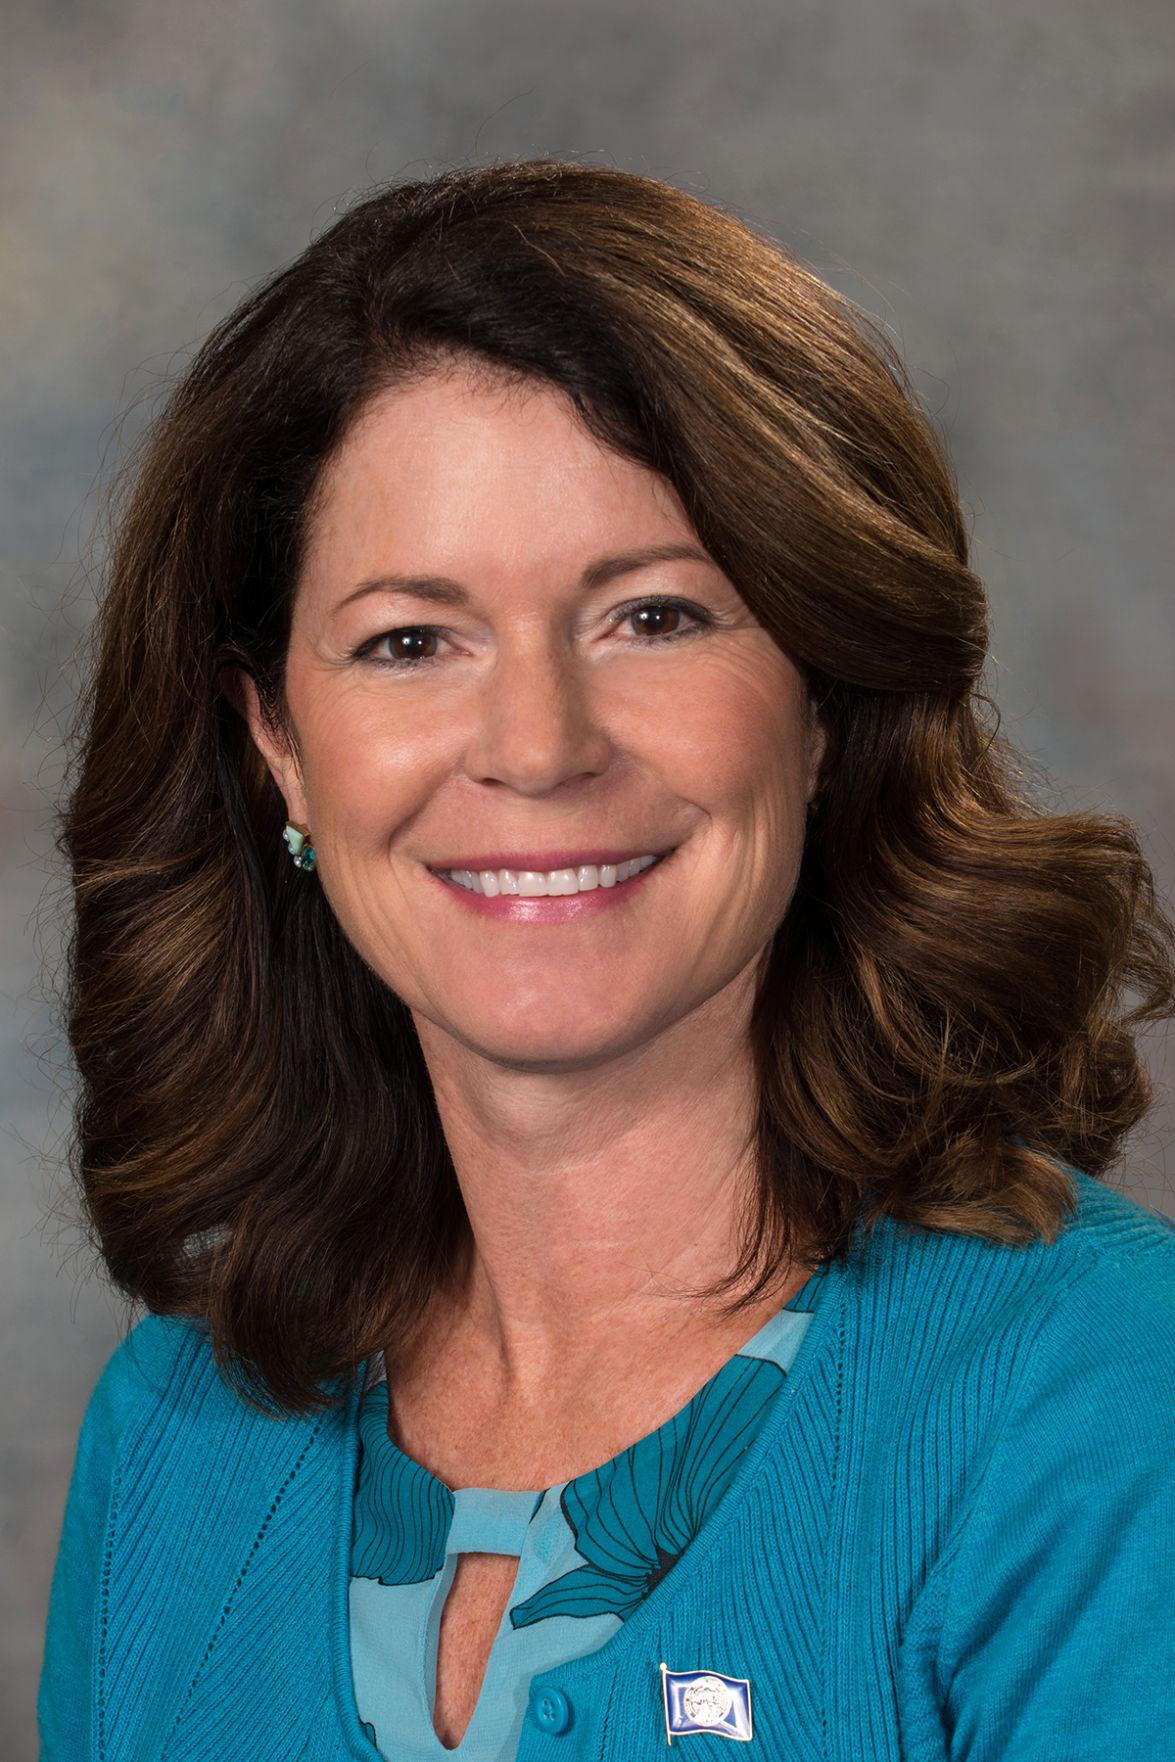 Suzanne Geist